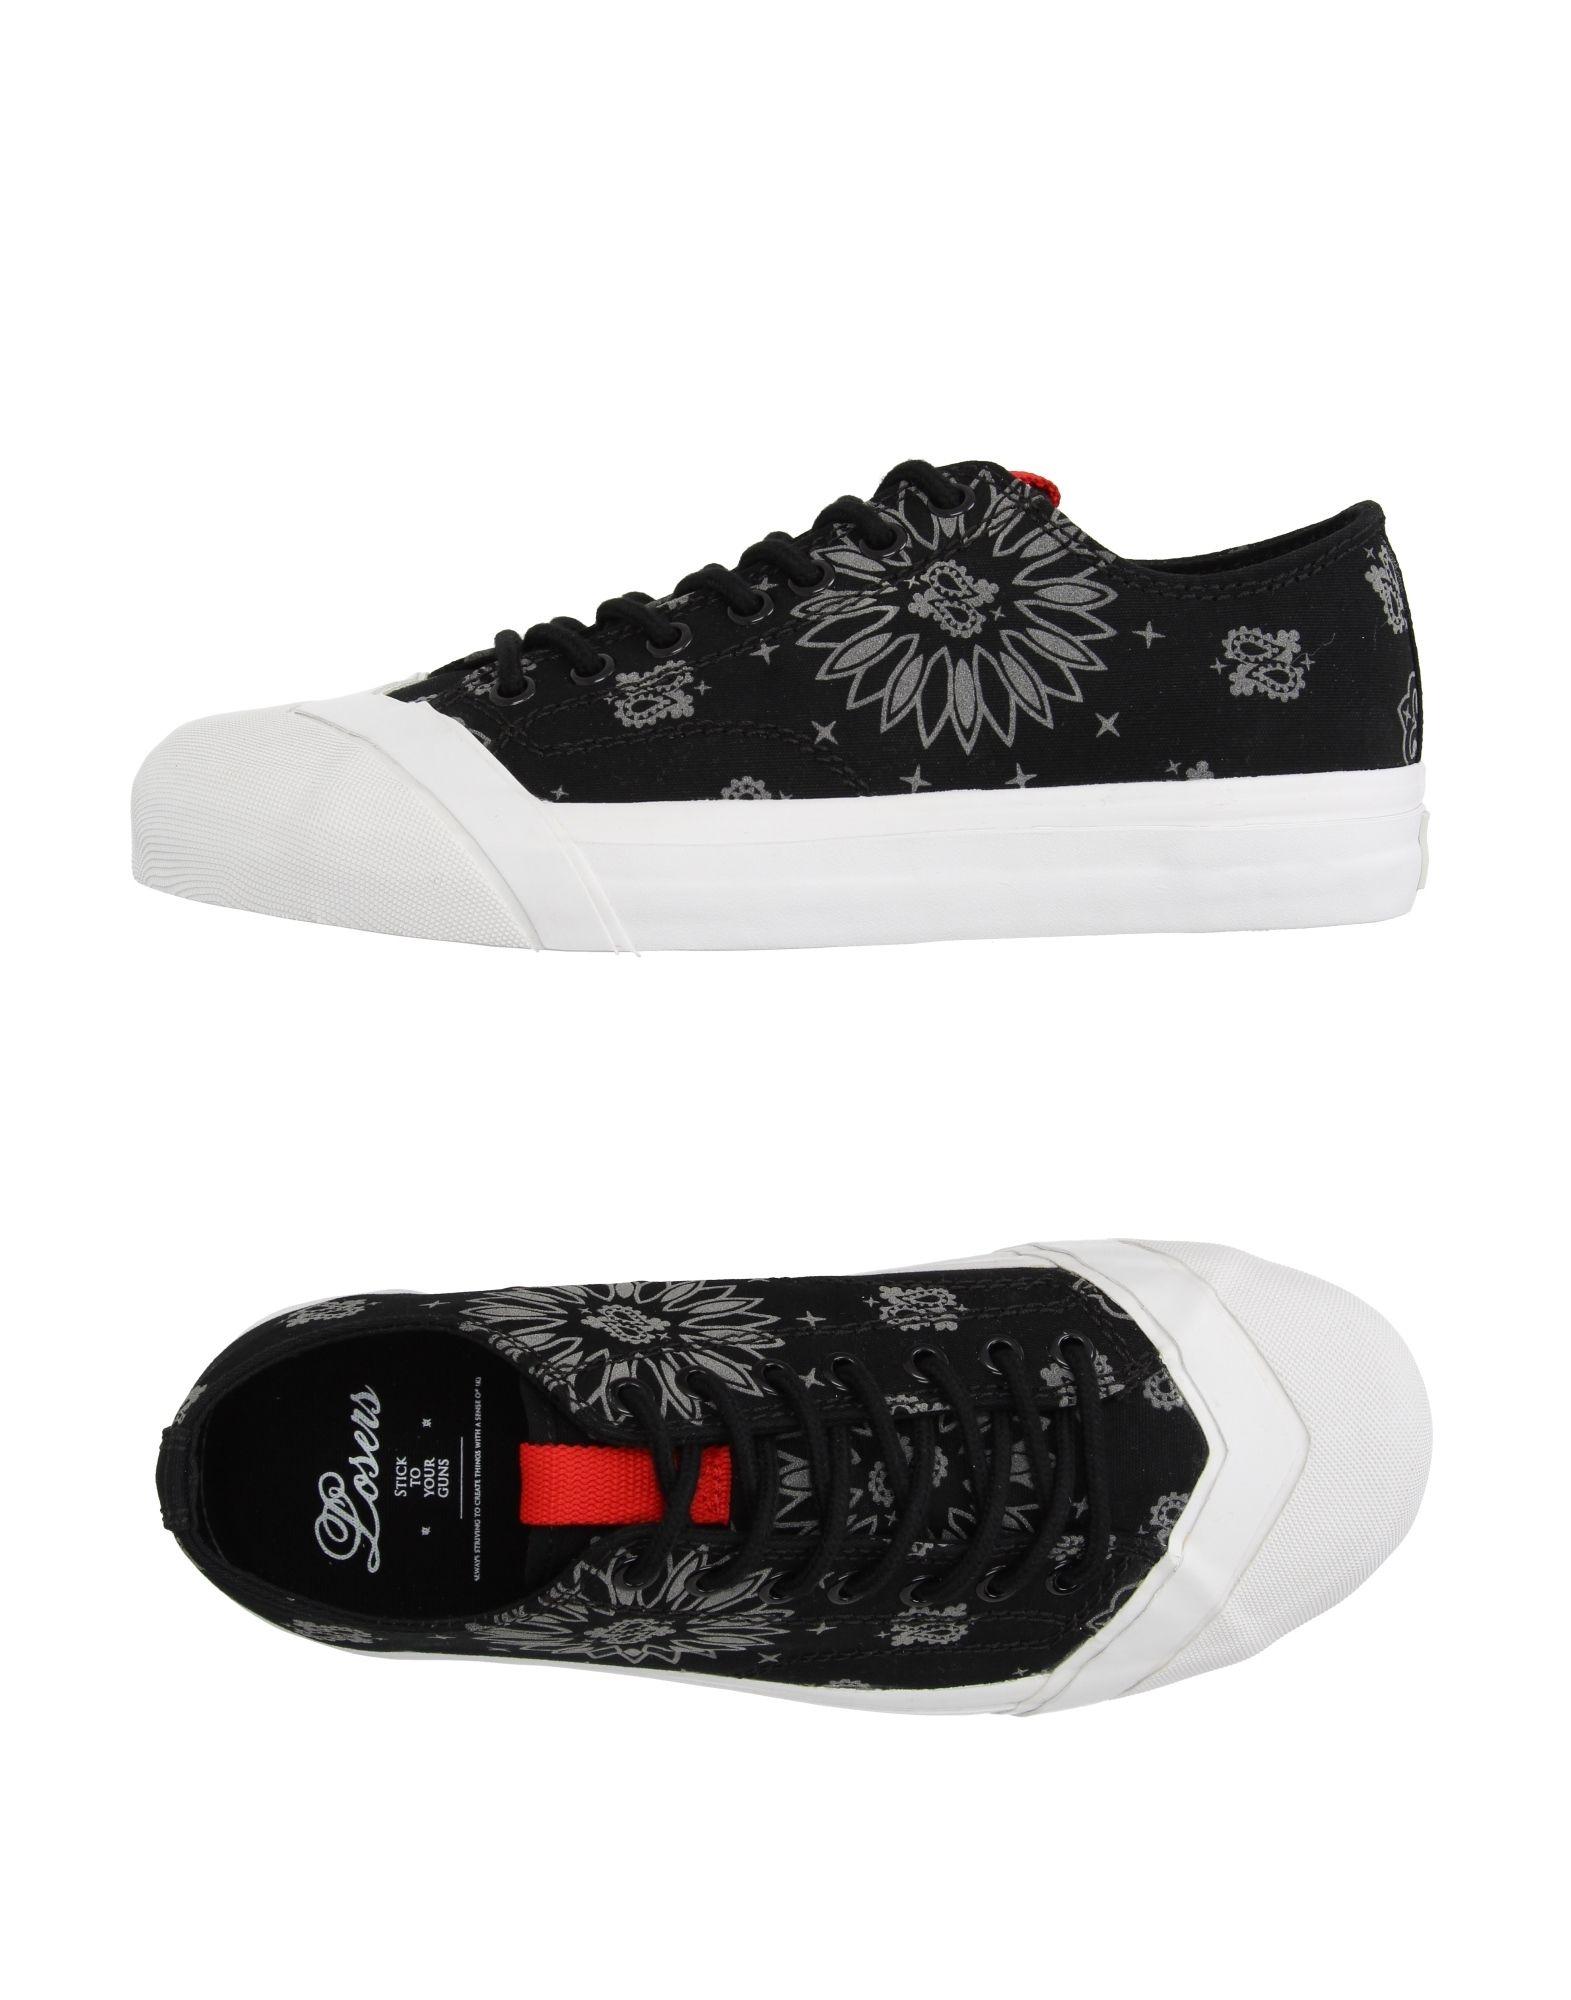 LOSERS Sneakers in Black